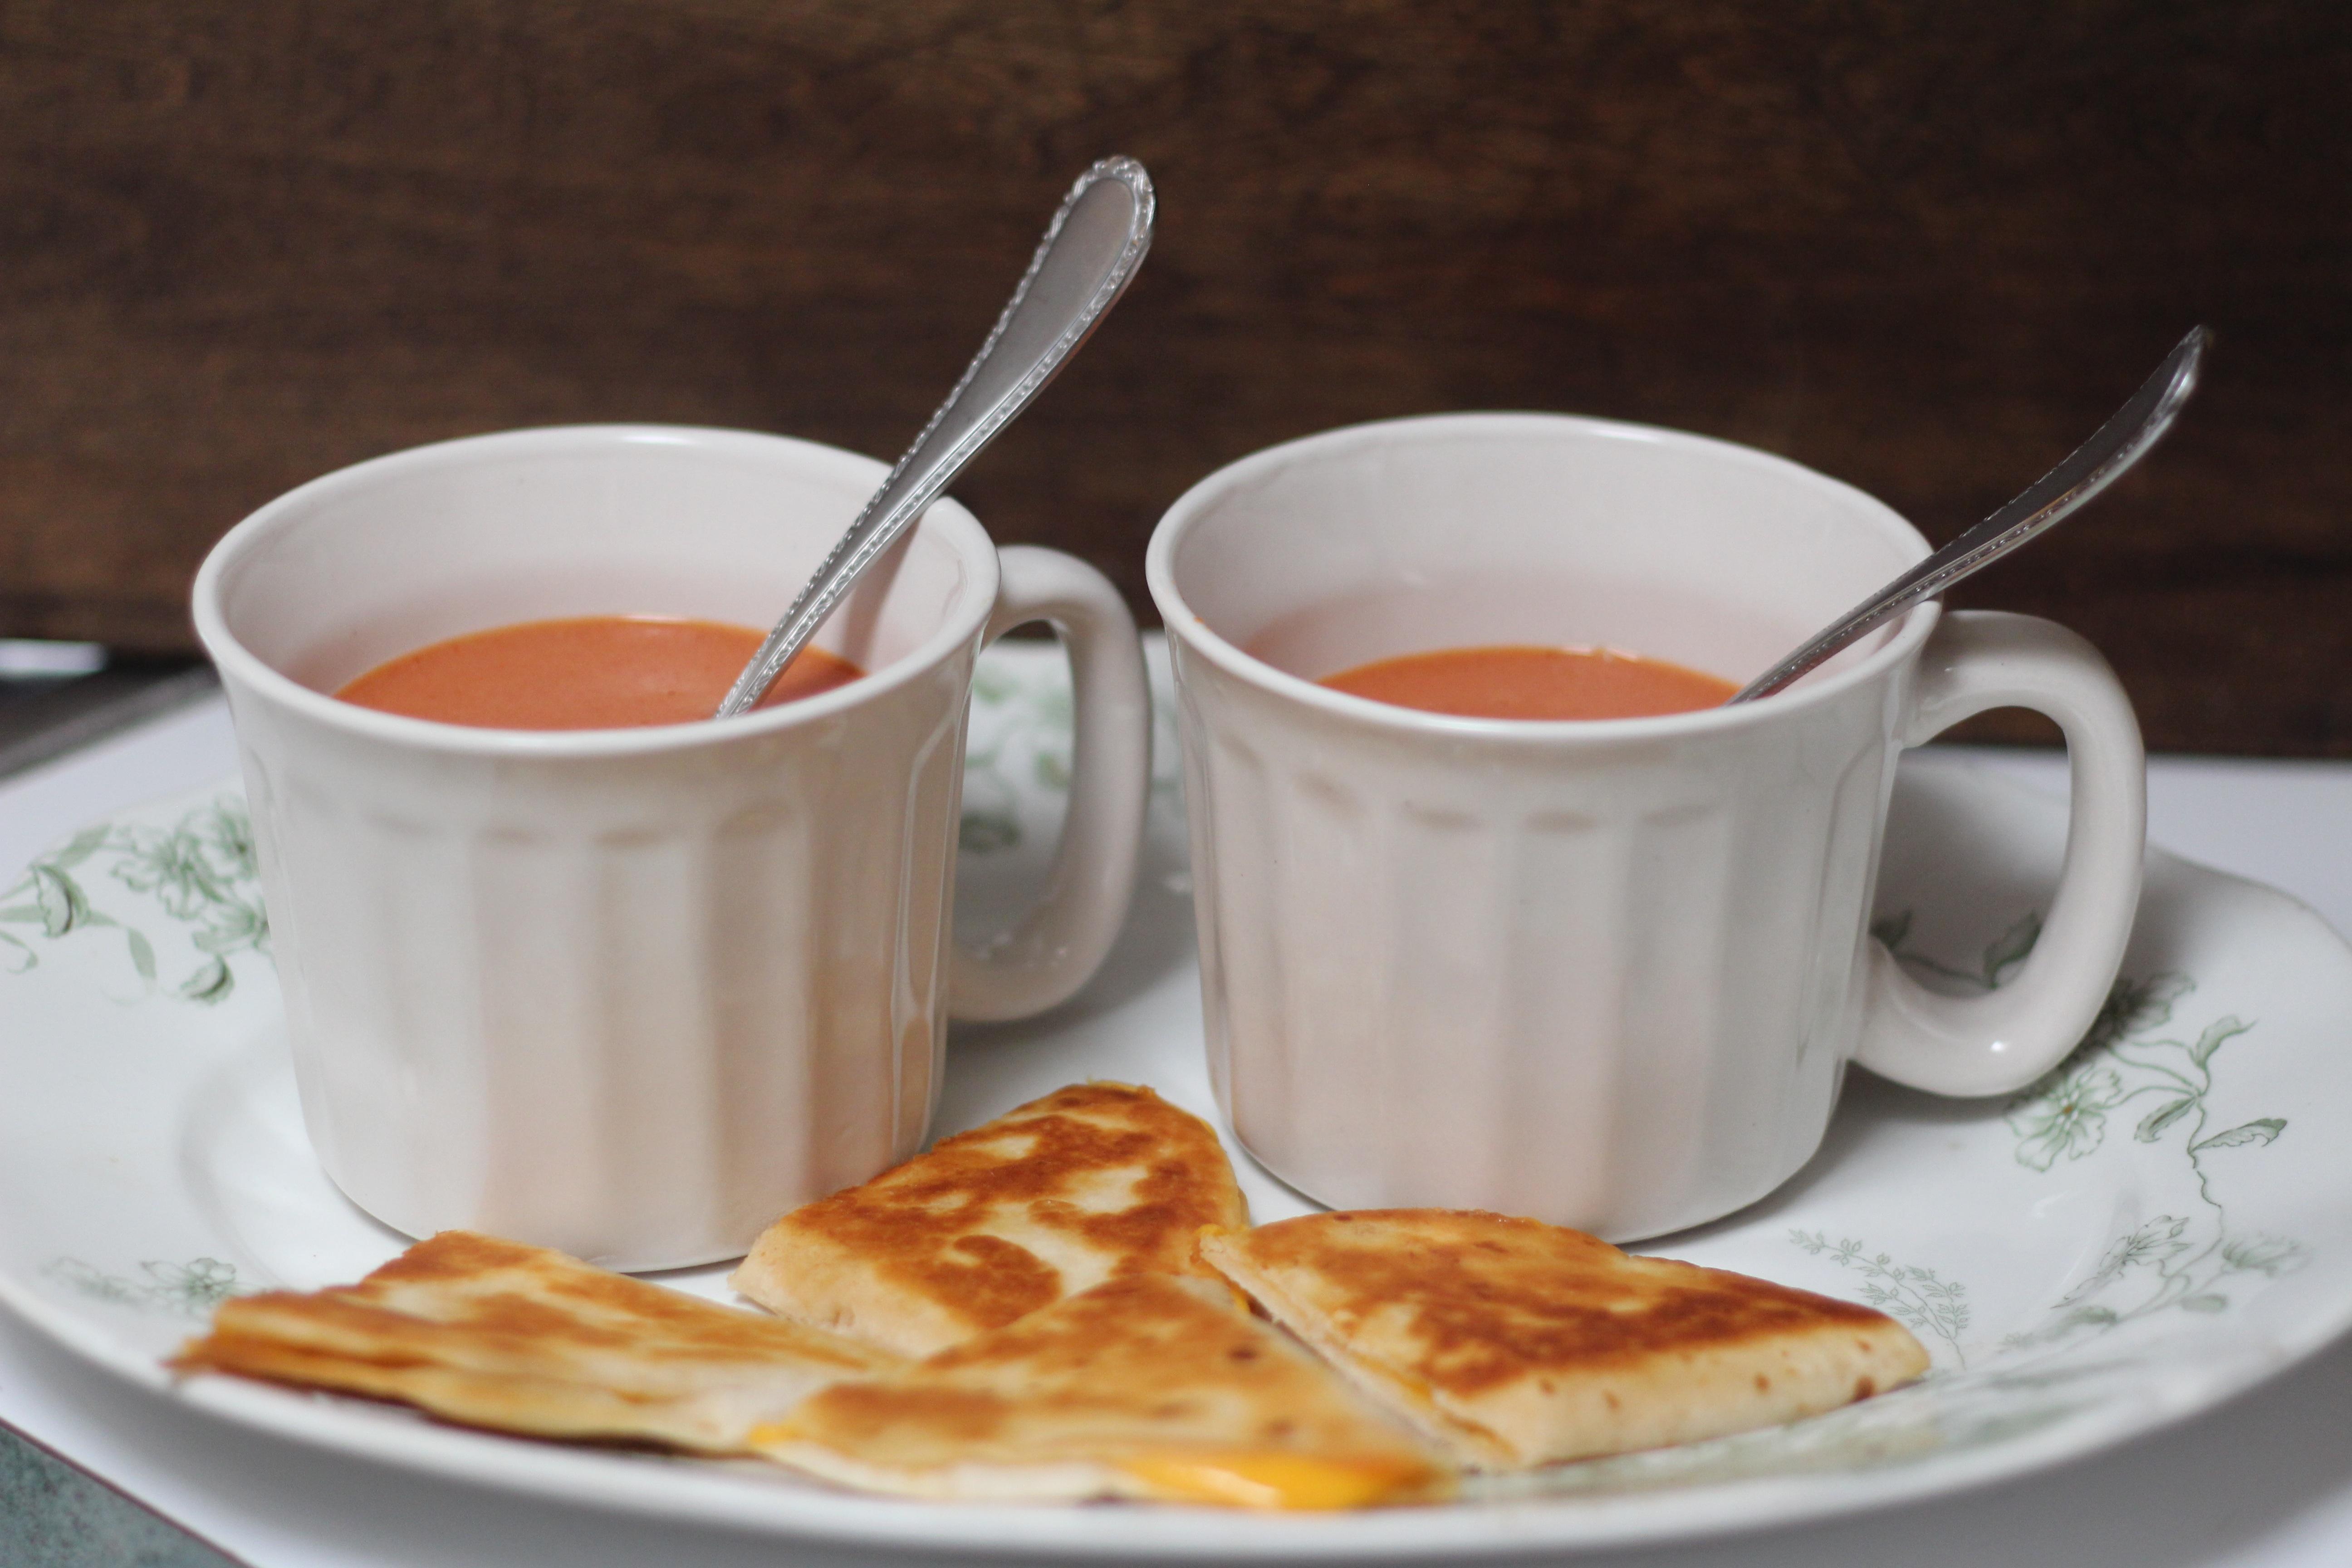 Fotos gratis : vaso, plato, comida, Produce, beber, desayuno, postre ...